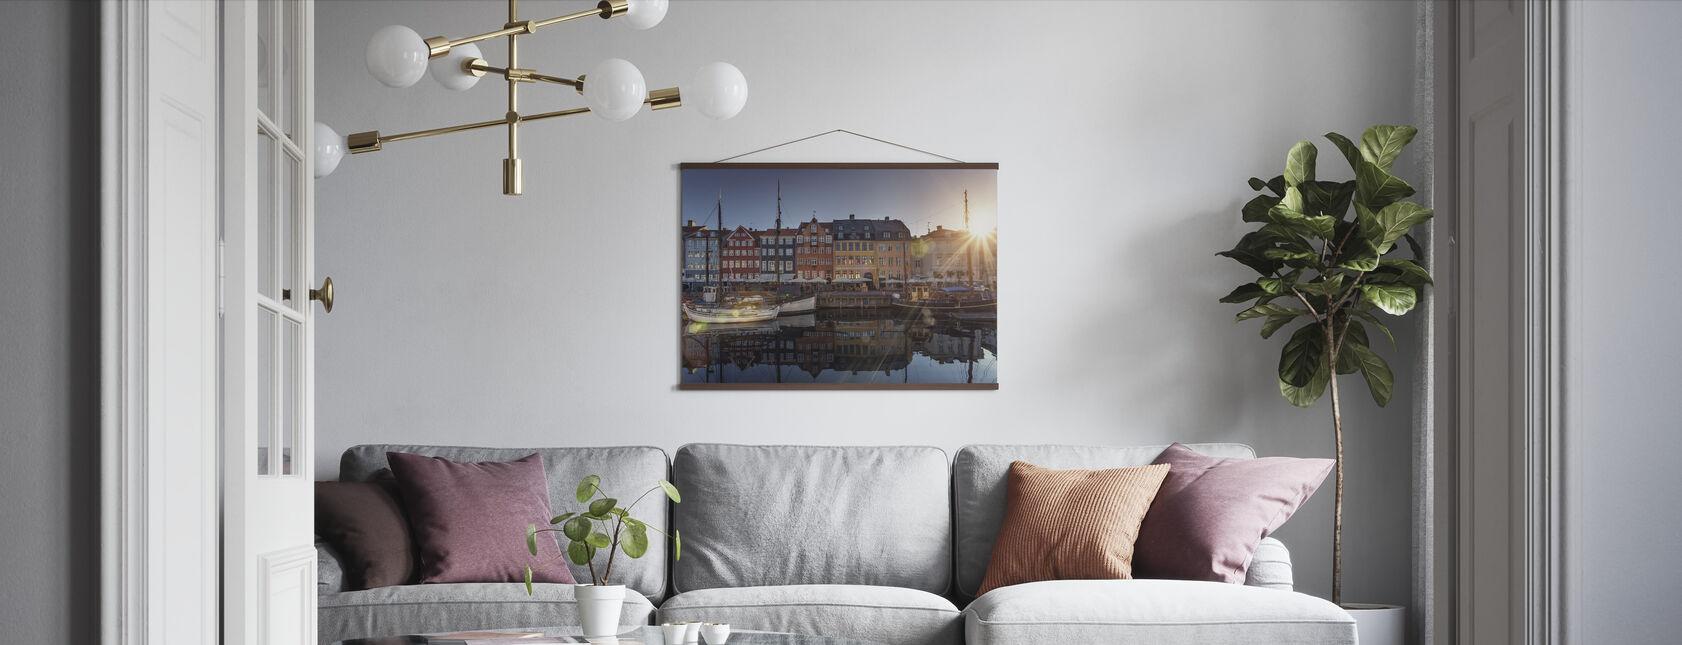 Sunset in Nyhavn, Copenhagen, Denmark - Poster - Living Room